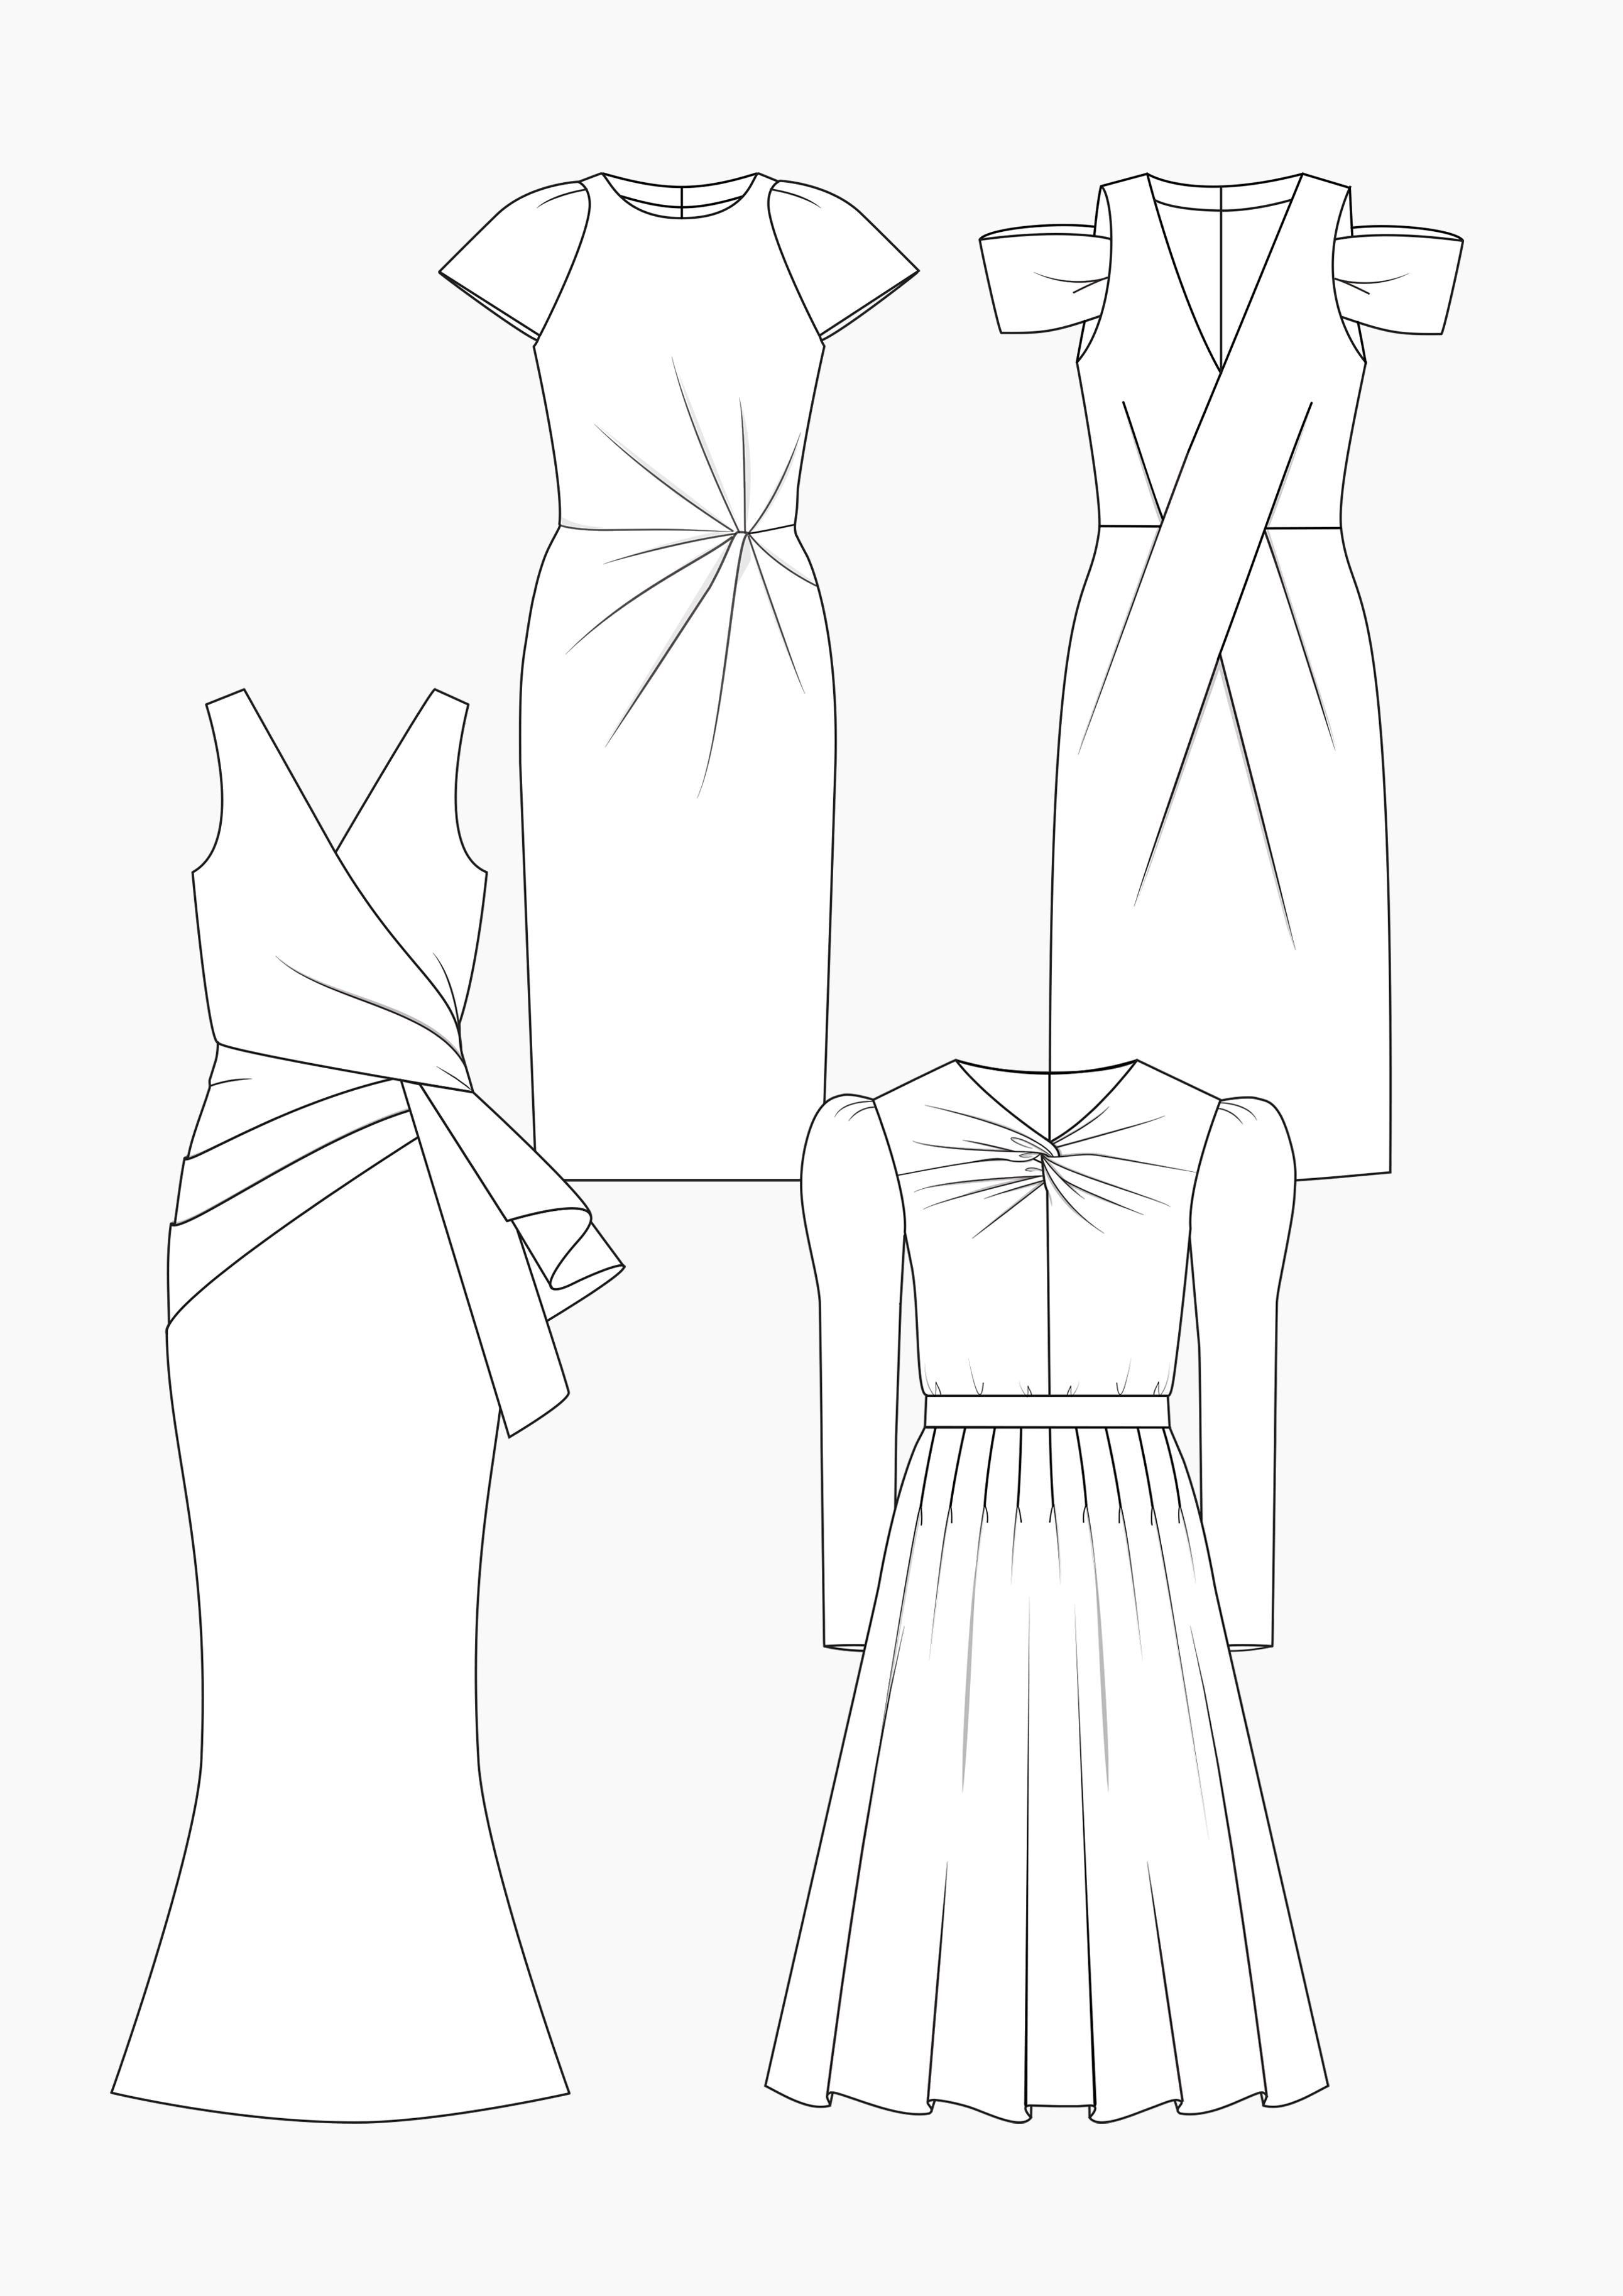 Produkt: Schnitt-Technik Abendkleider